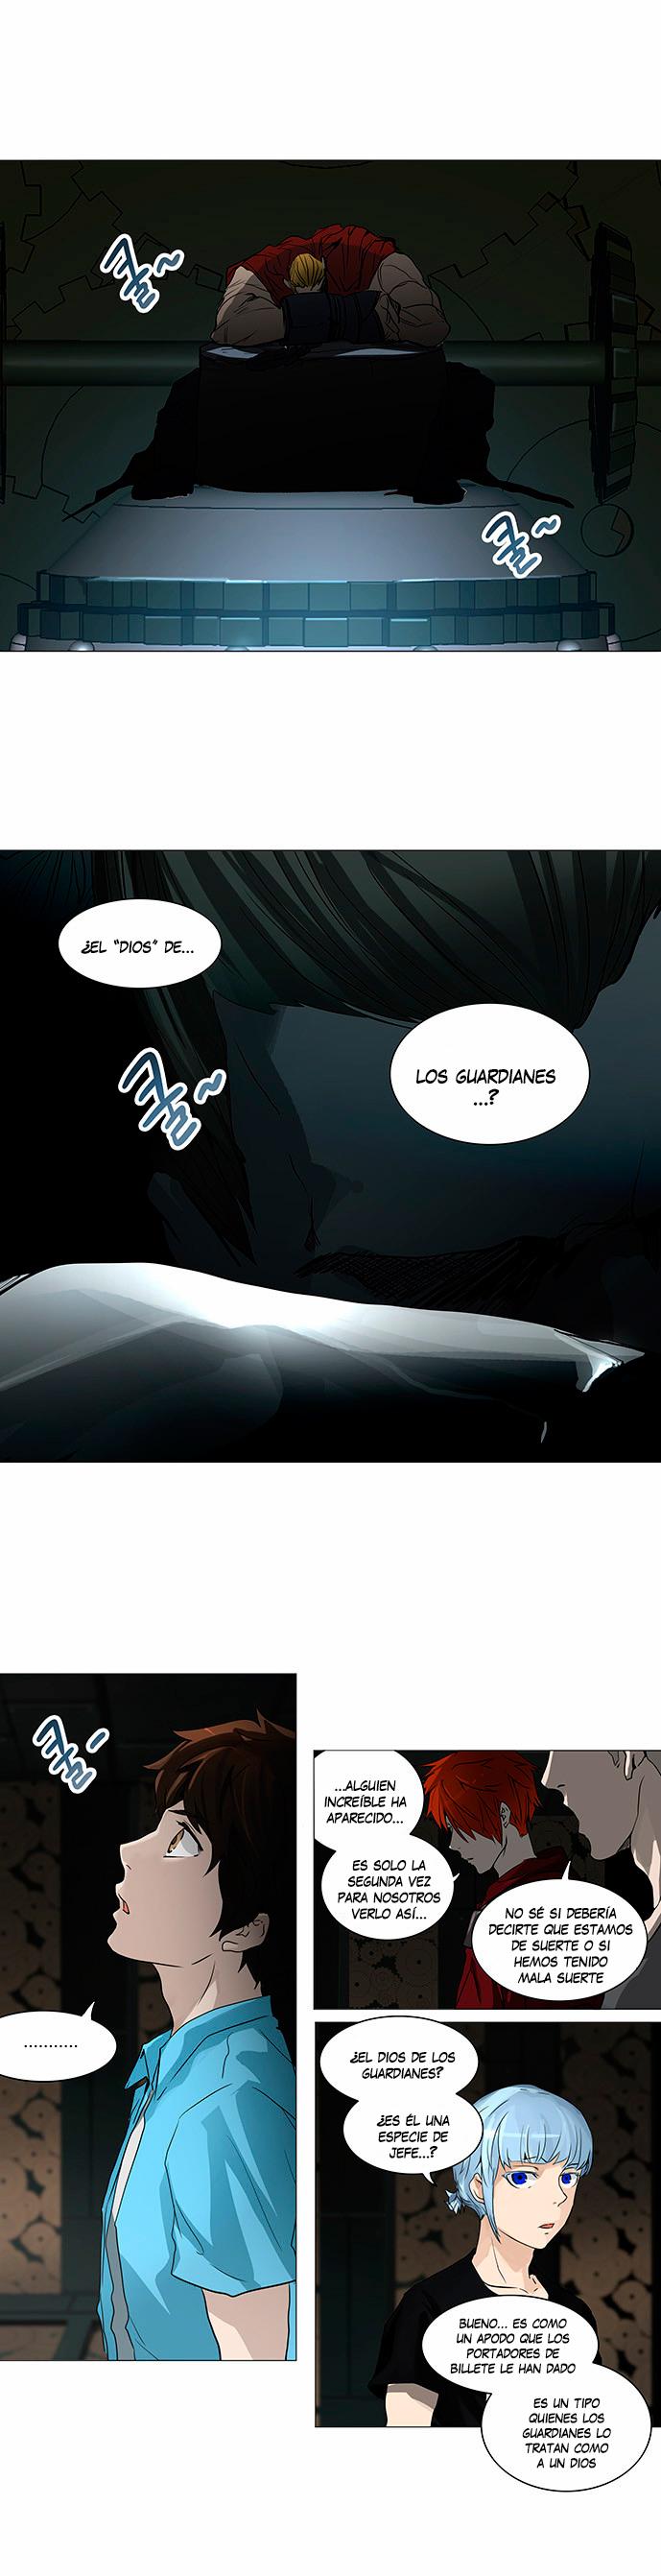 http://c5.ninemanga.com/es_manga/21/149/417885/f48c04ffab49ff0e5d1176244fdfb65c.jpg Page 2